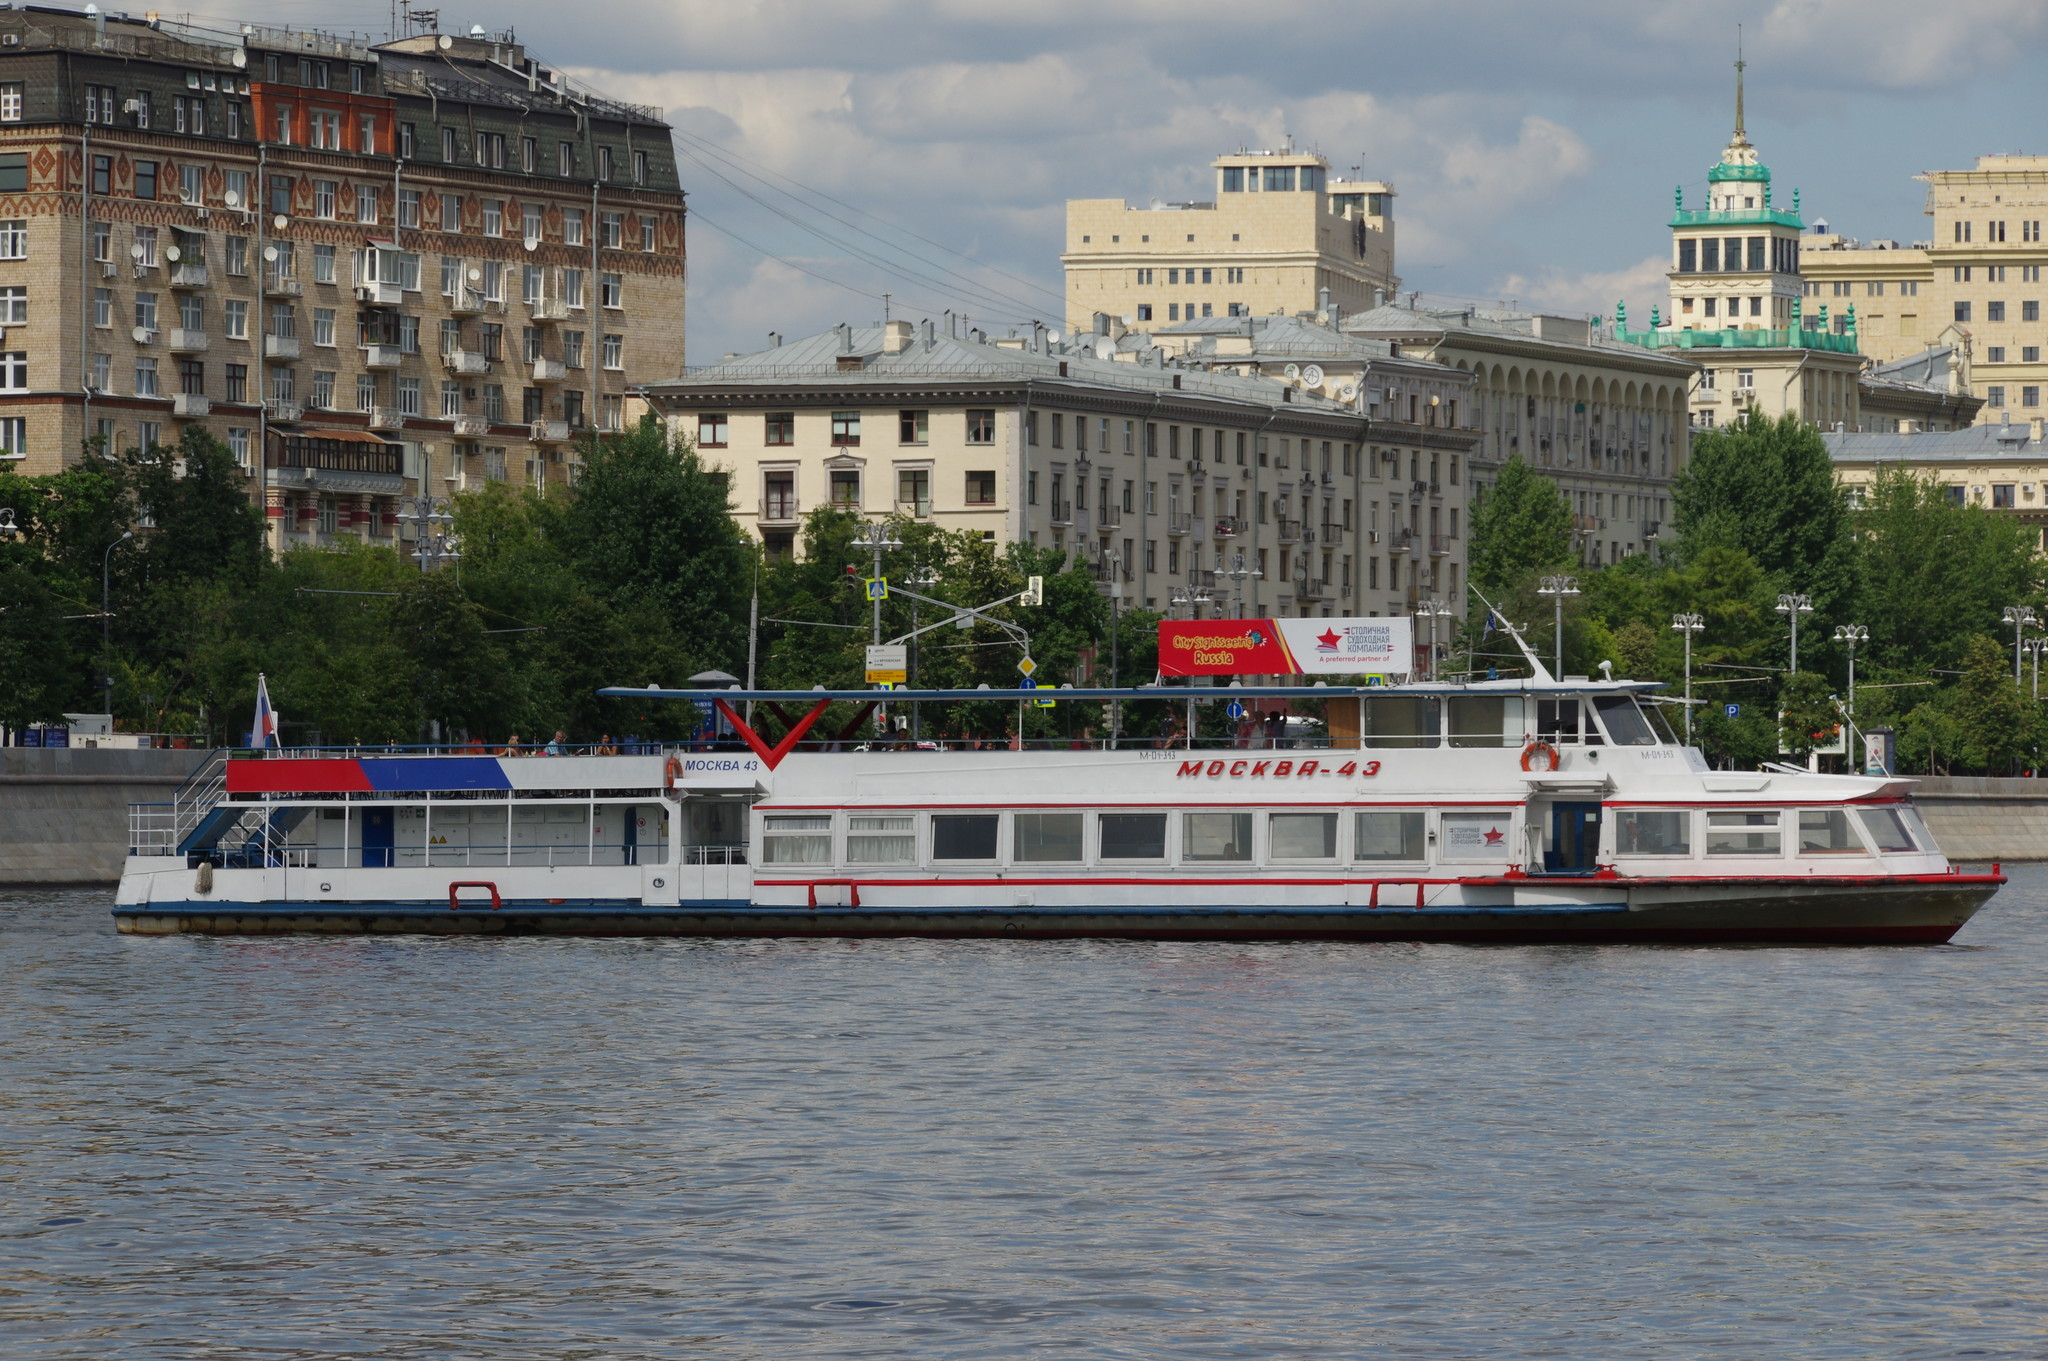 Пассажирский прогулочный теплоход «Москва-43»